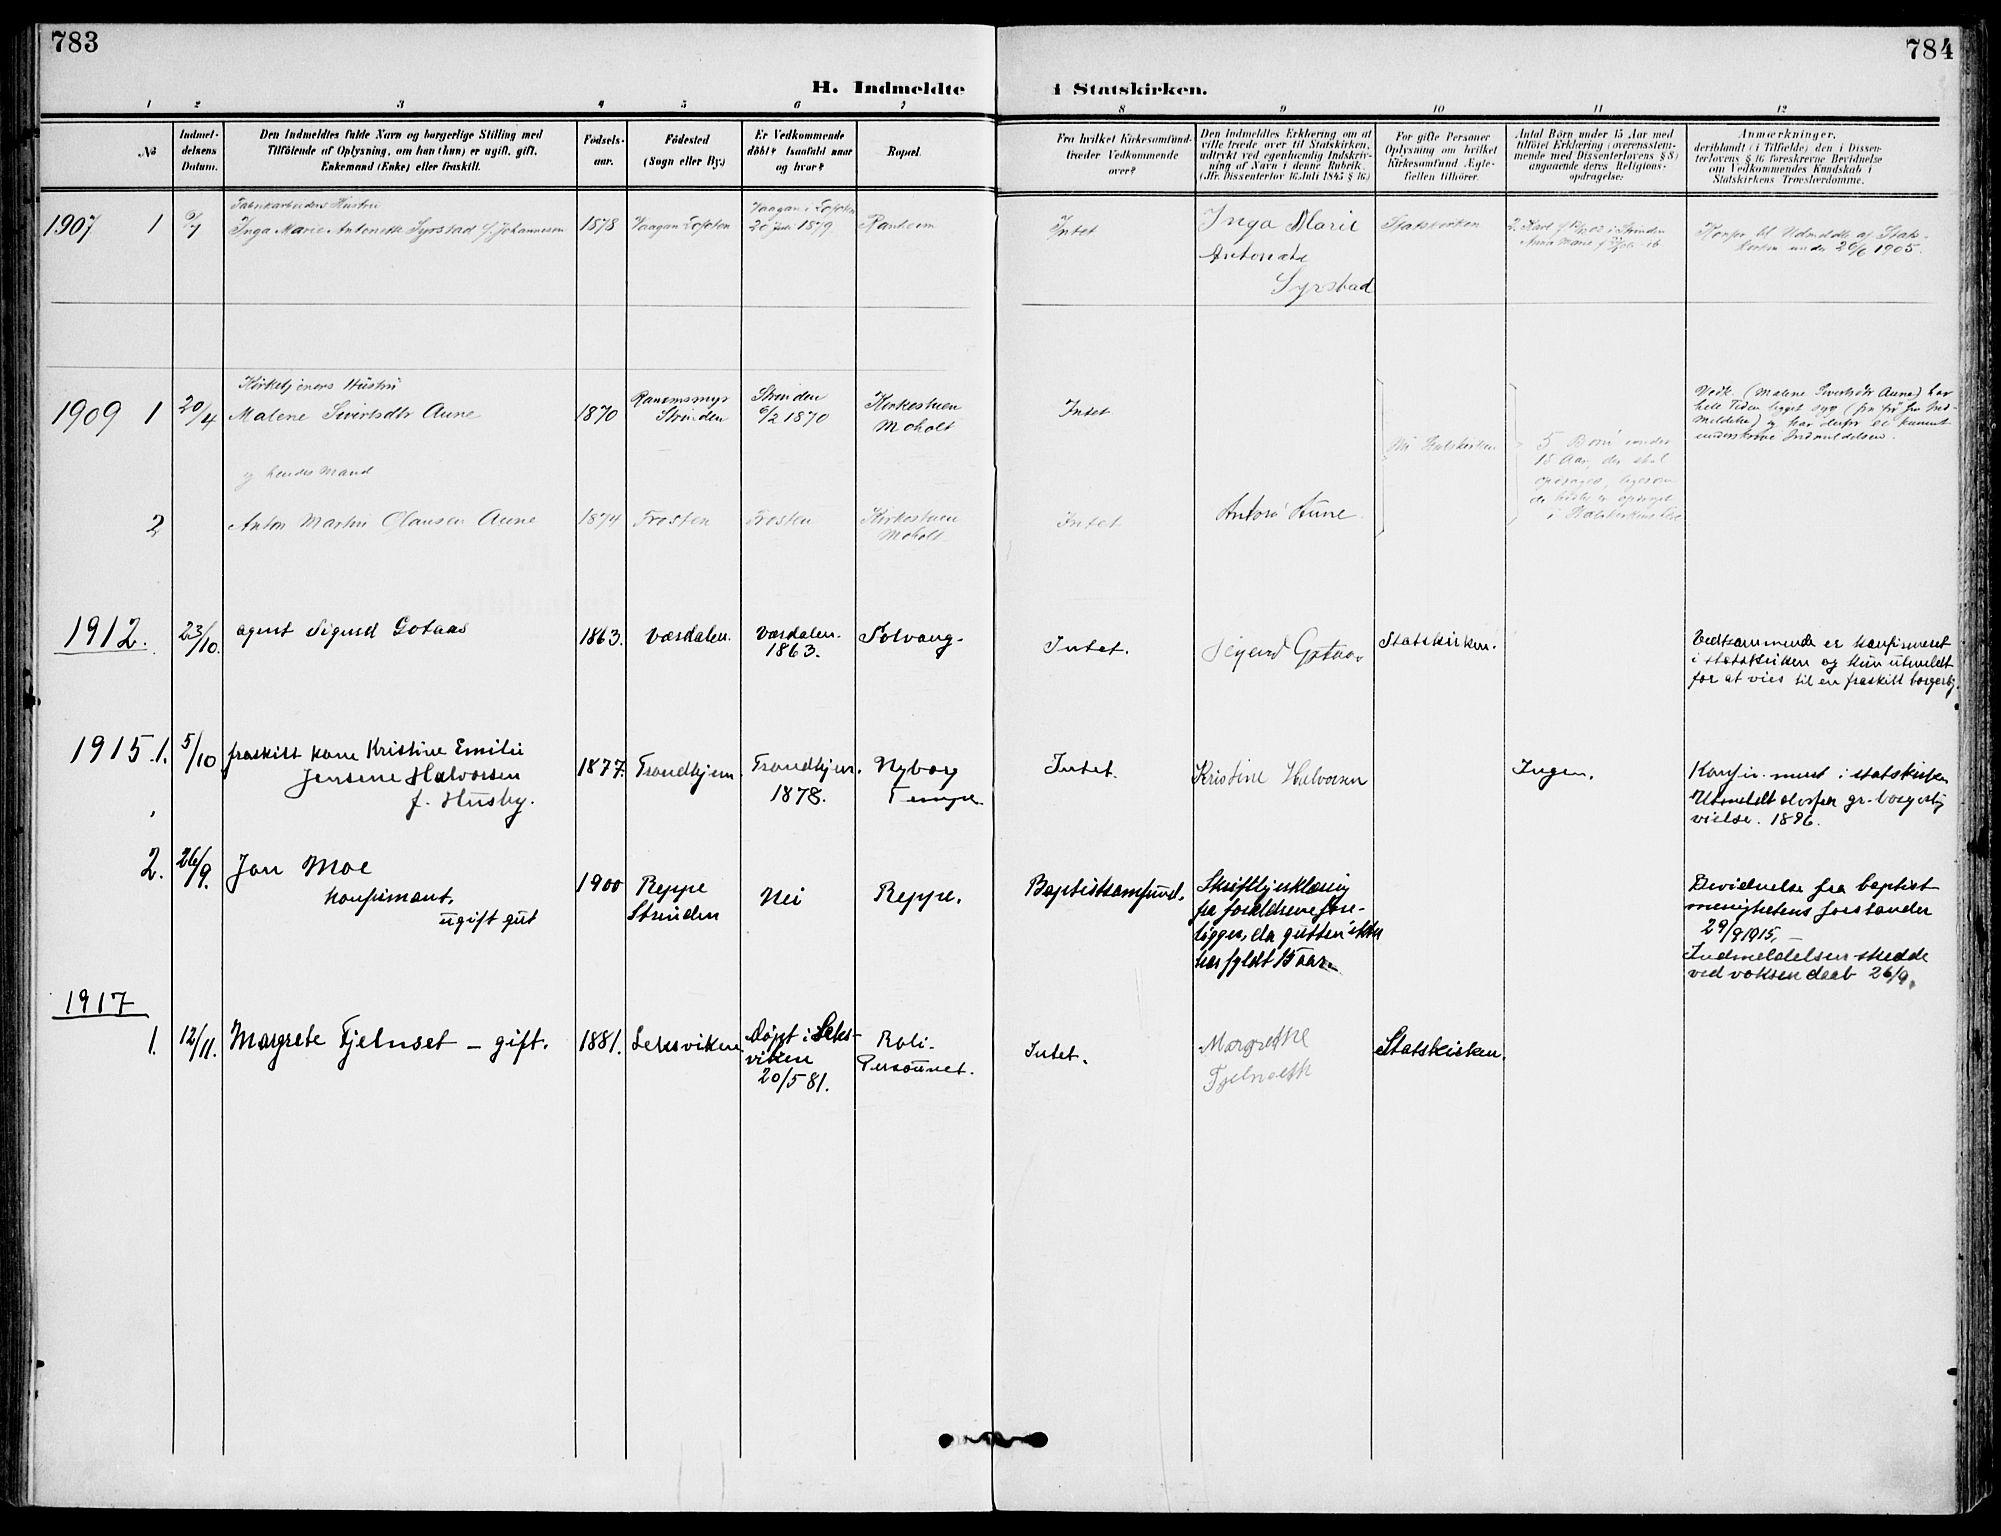 SAT, Ministerialprotokoller, klokkerbøker og fødselsregistre - Sør-Trøndelag, 607/L0320: Ministerialbok nr. 607A04, 1907-1915, s. 783-784